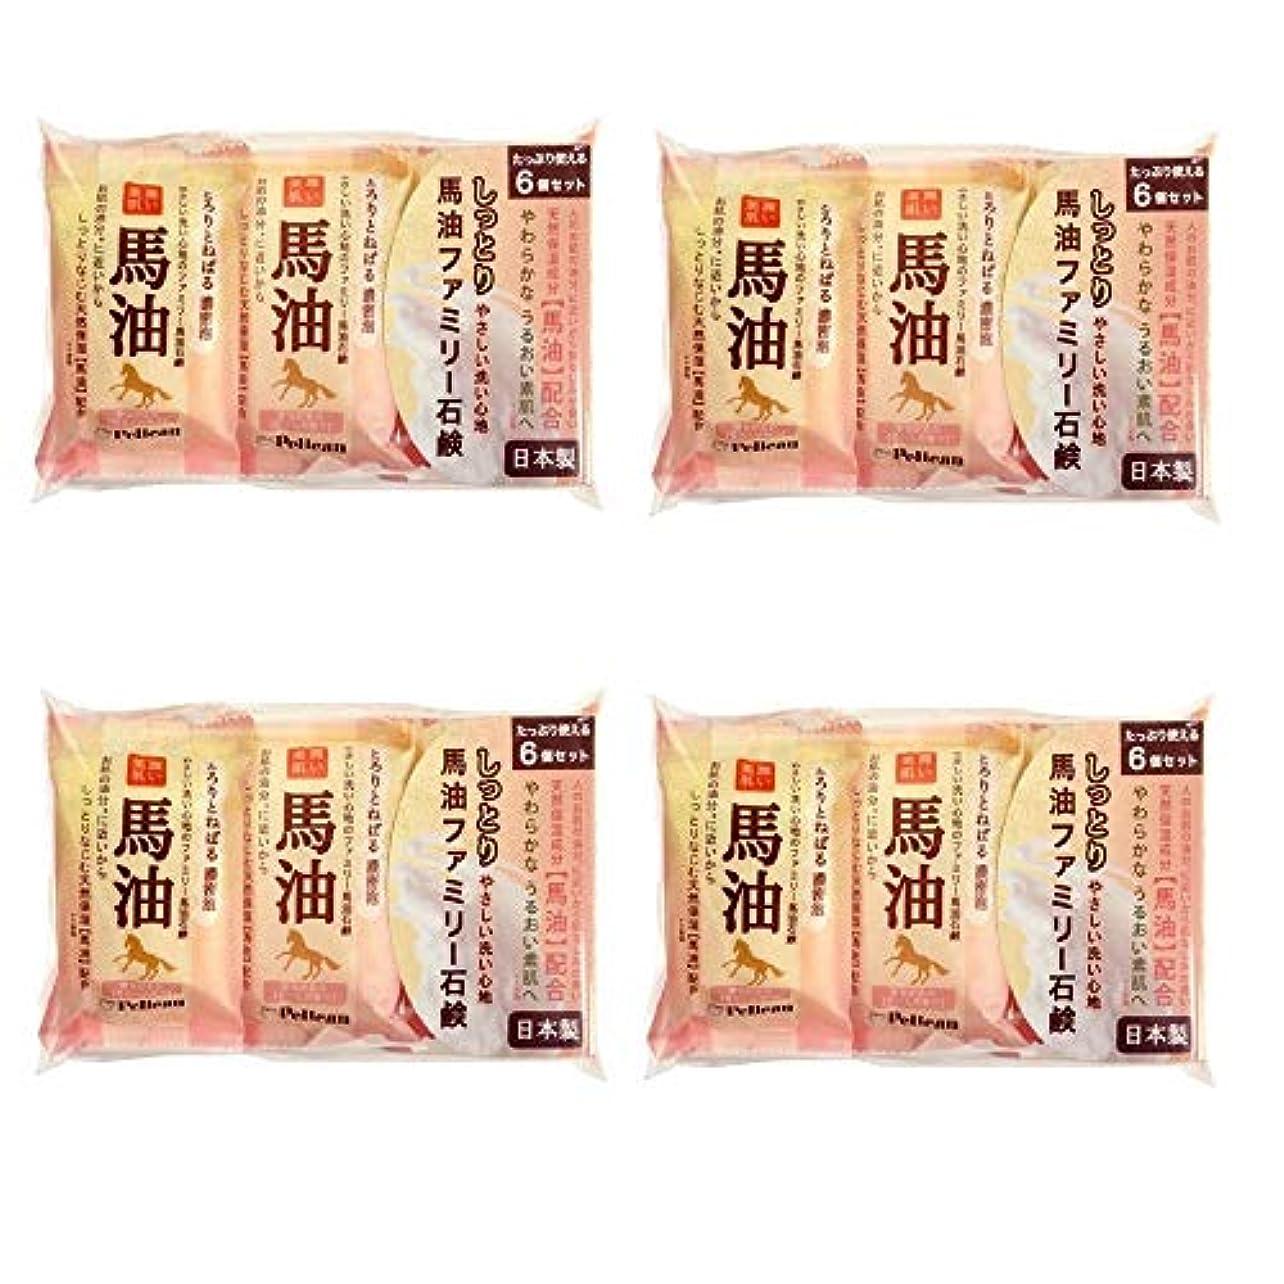 同様に対準備した【まとめ買い】ペリカン石鹸 ファミリー馬油石けん 80g×6個【×4個】